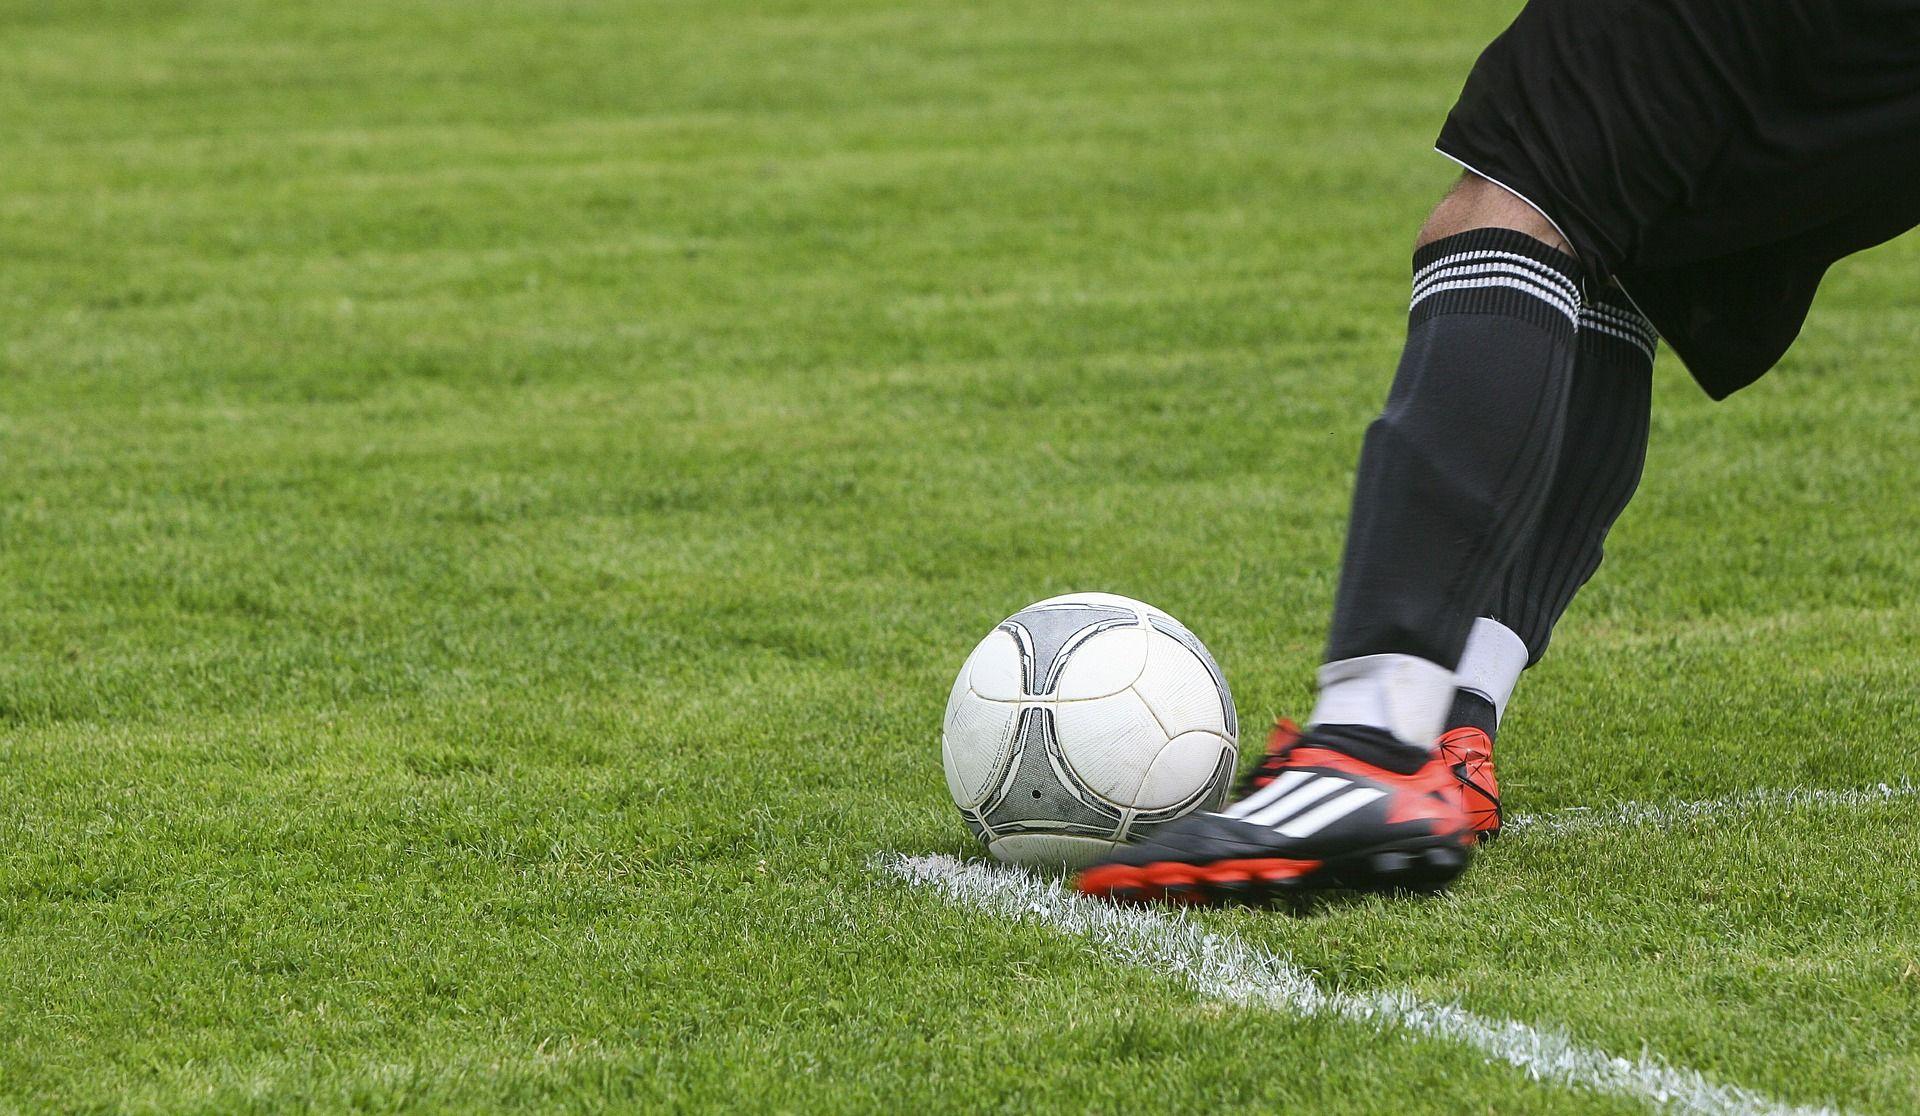 Dinamo predstavio novo pojačanje Jana Lecjaksa